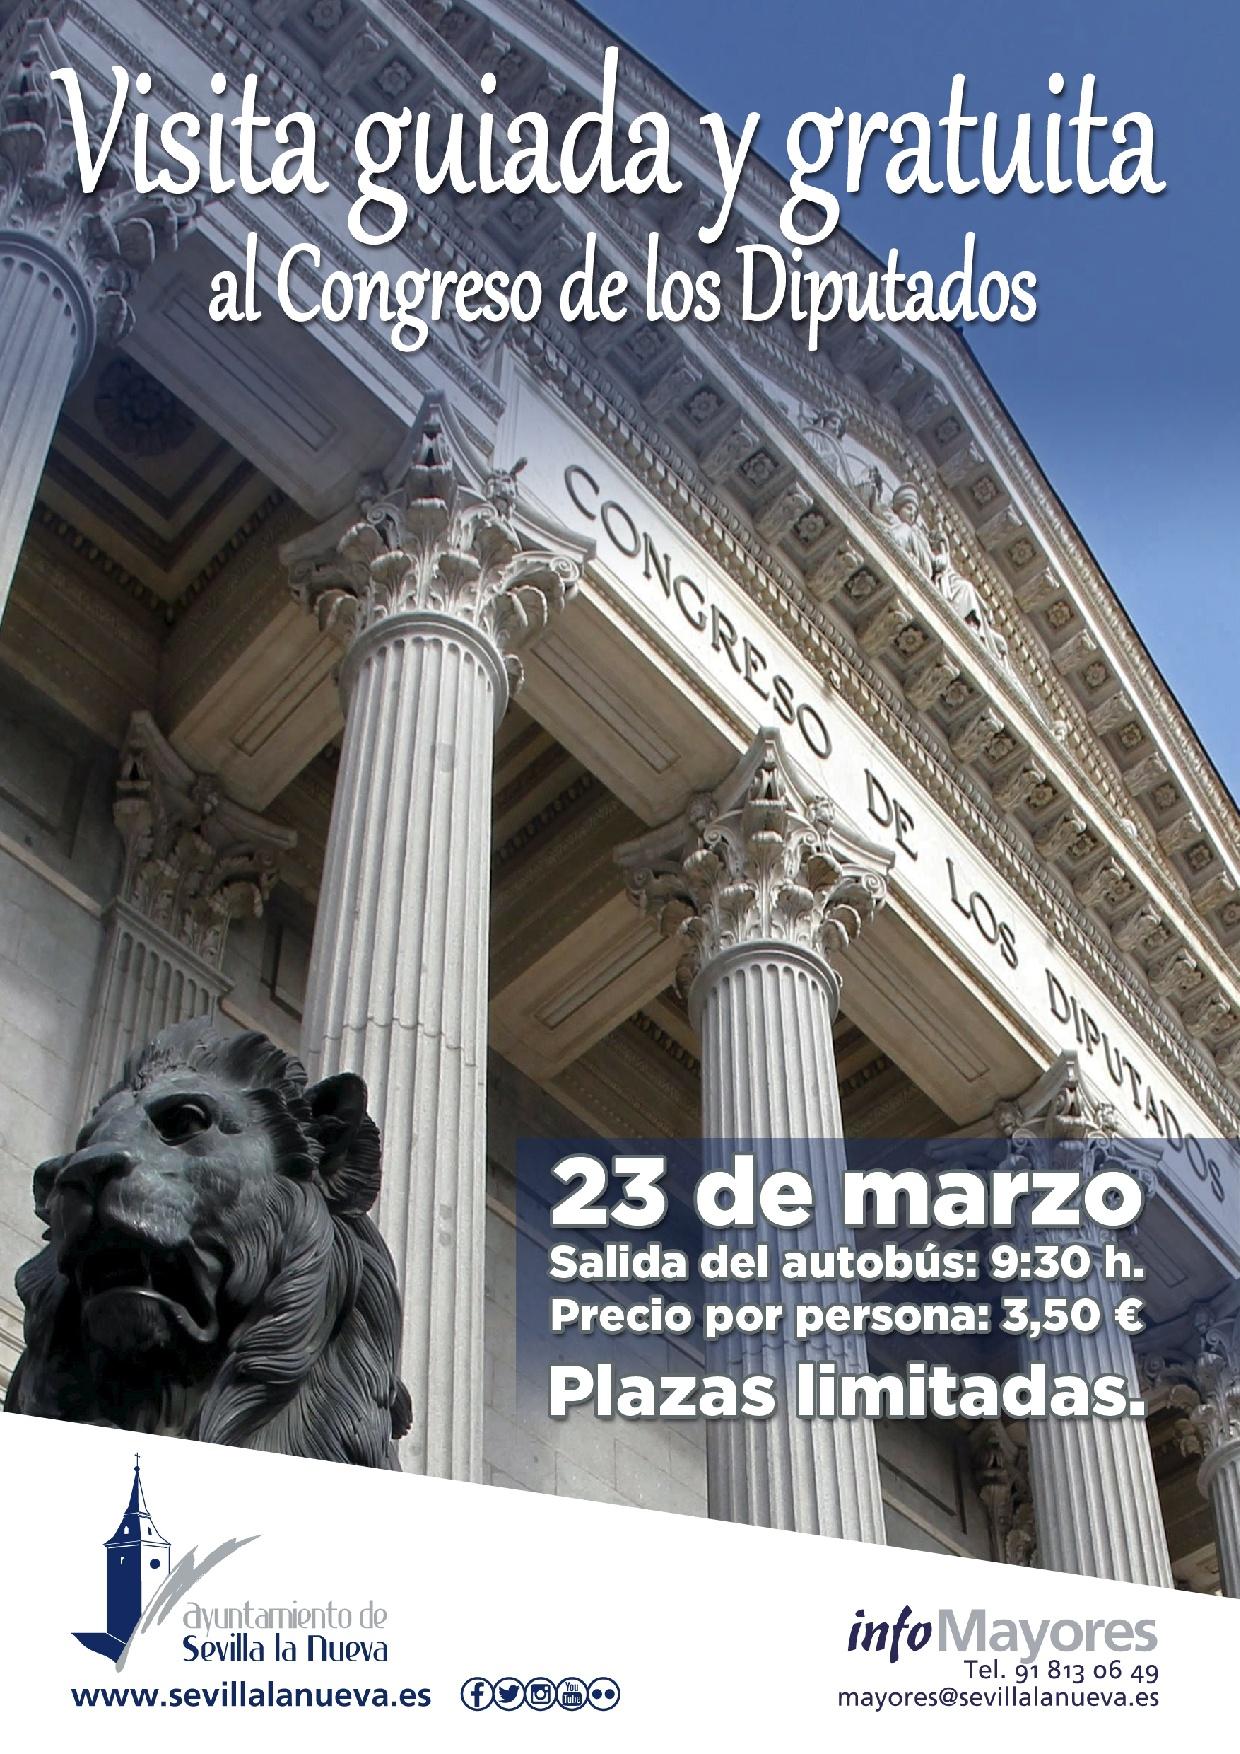 Vista guiada al Congreso de los Diputados @ Congreso de los Diputados